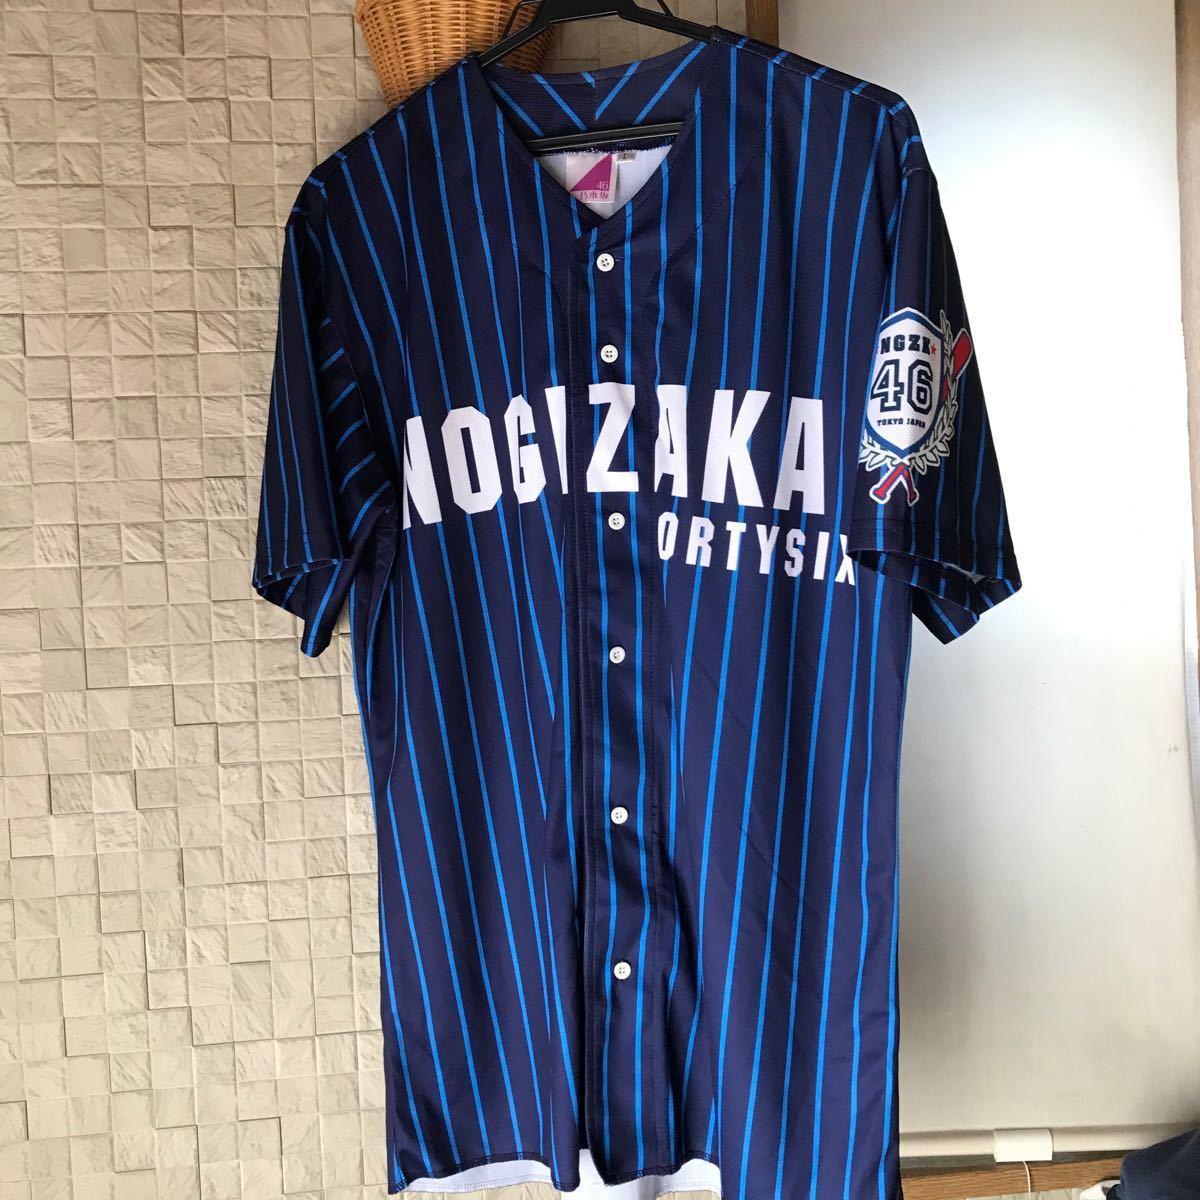 乃木坂46 齋藤飛鳥 ベースボールシャツ